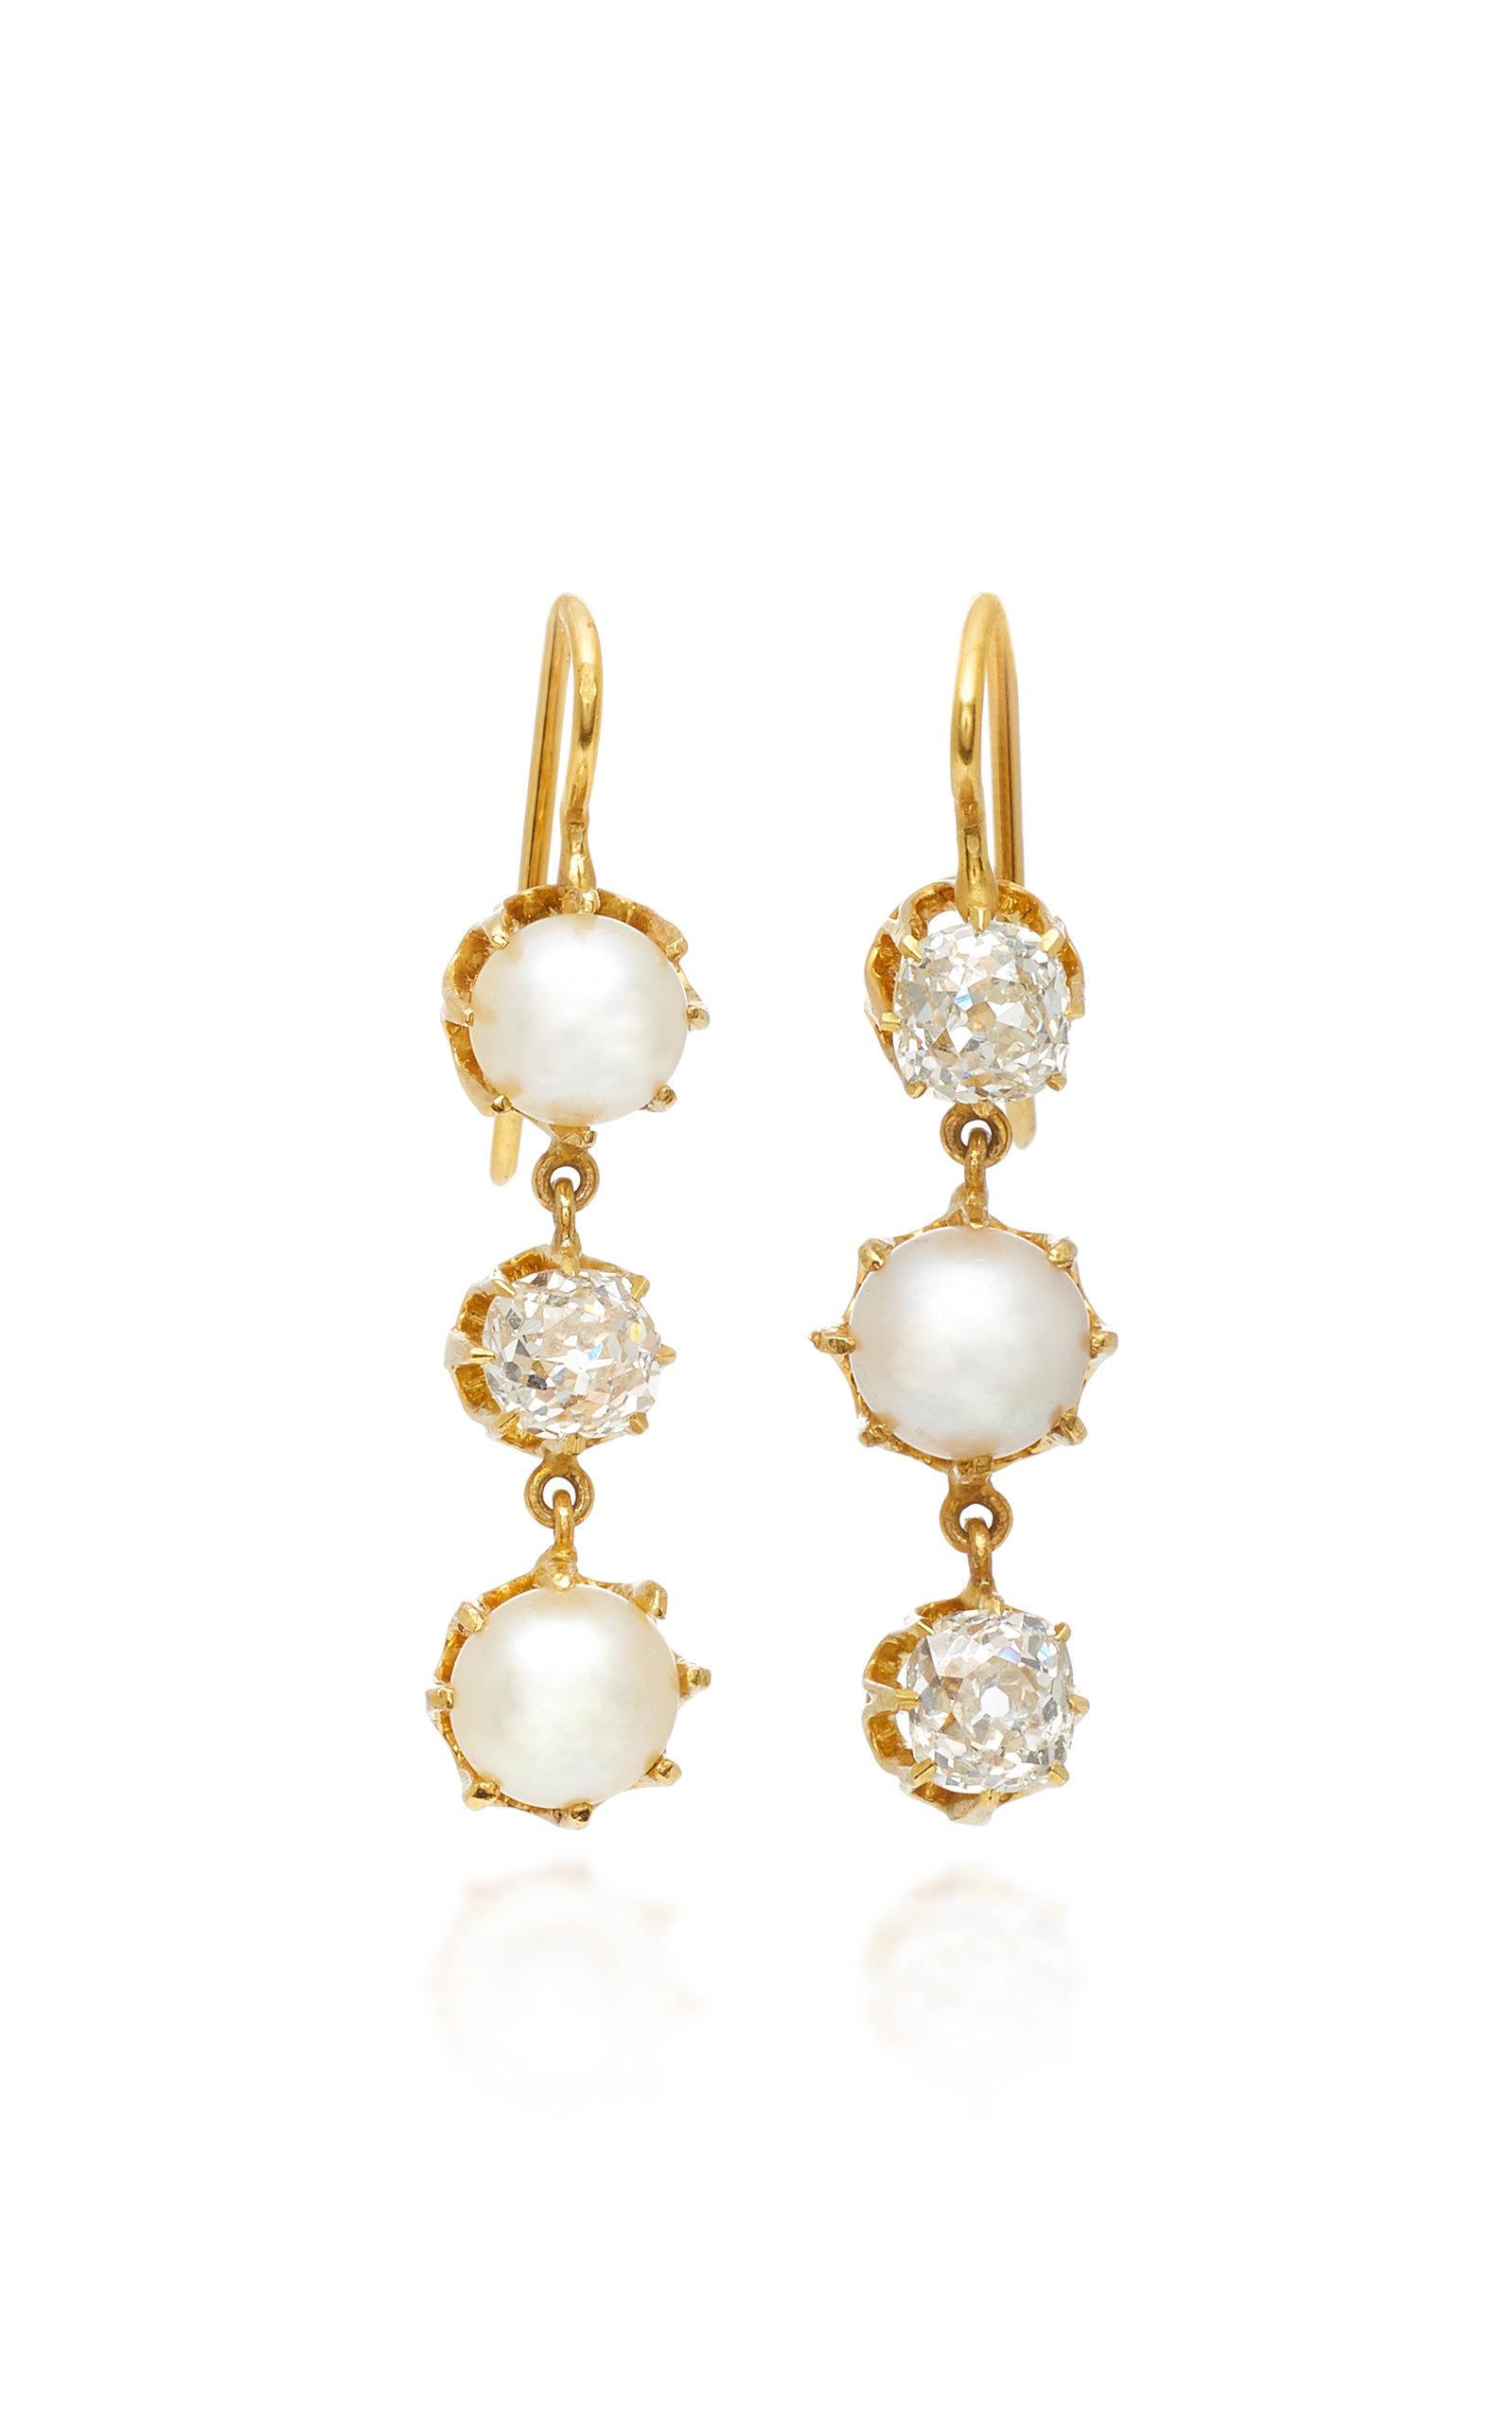 RENEE LEWIS 18K GOLD PEARL AND DIAMOND EARRINGS